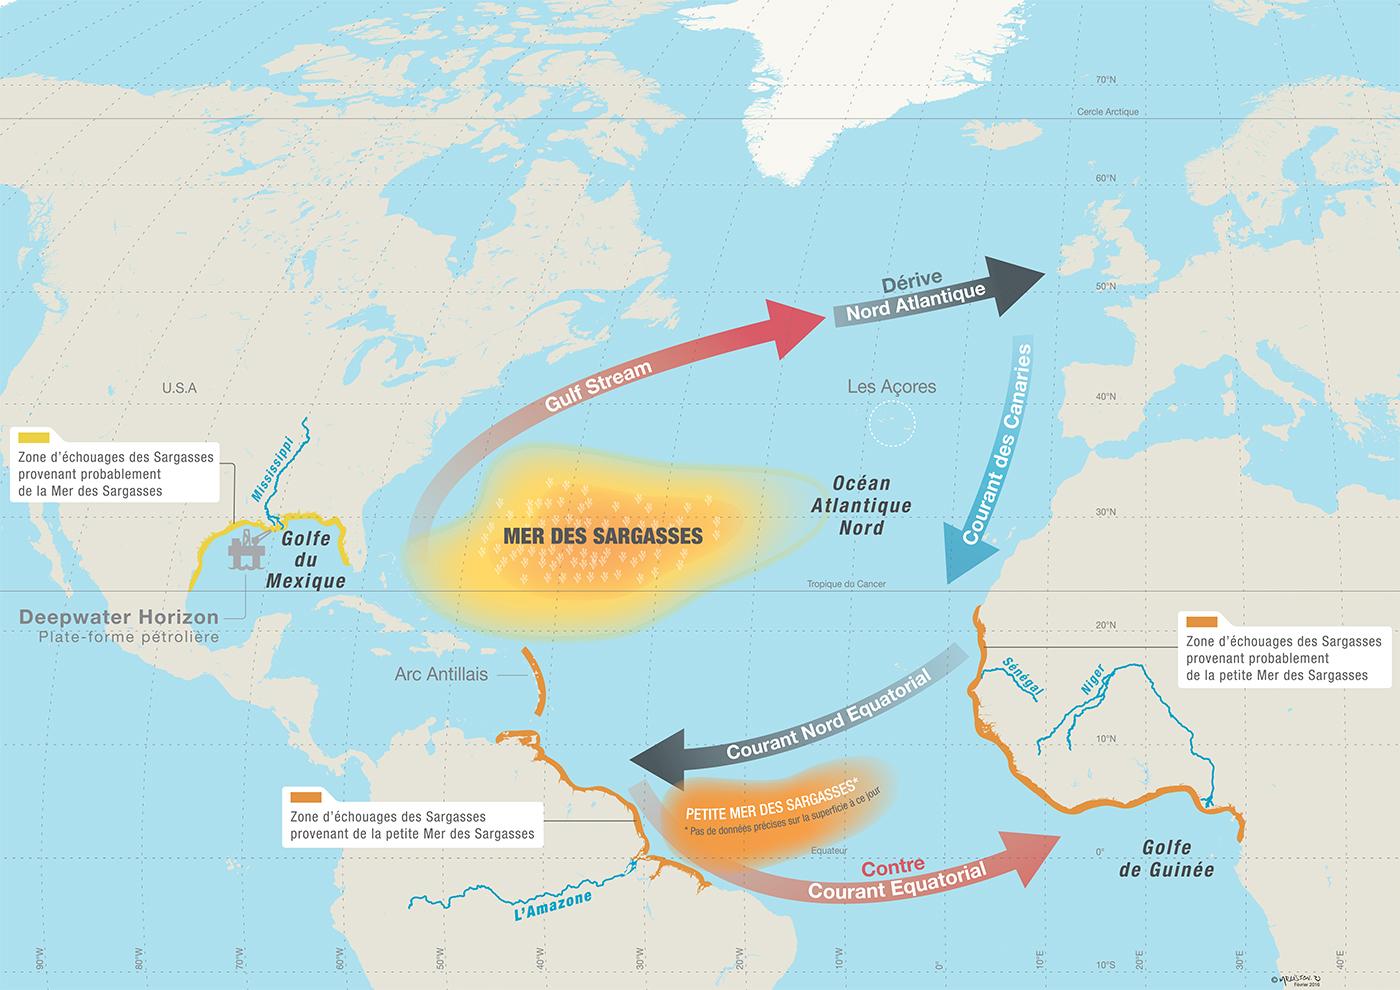 Schéma général des courants d'Atlantique et de concentration des sargasses © Rodolphe Mélisson / OCEAN71 Magazine